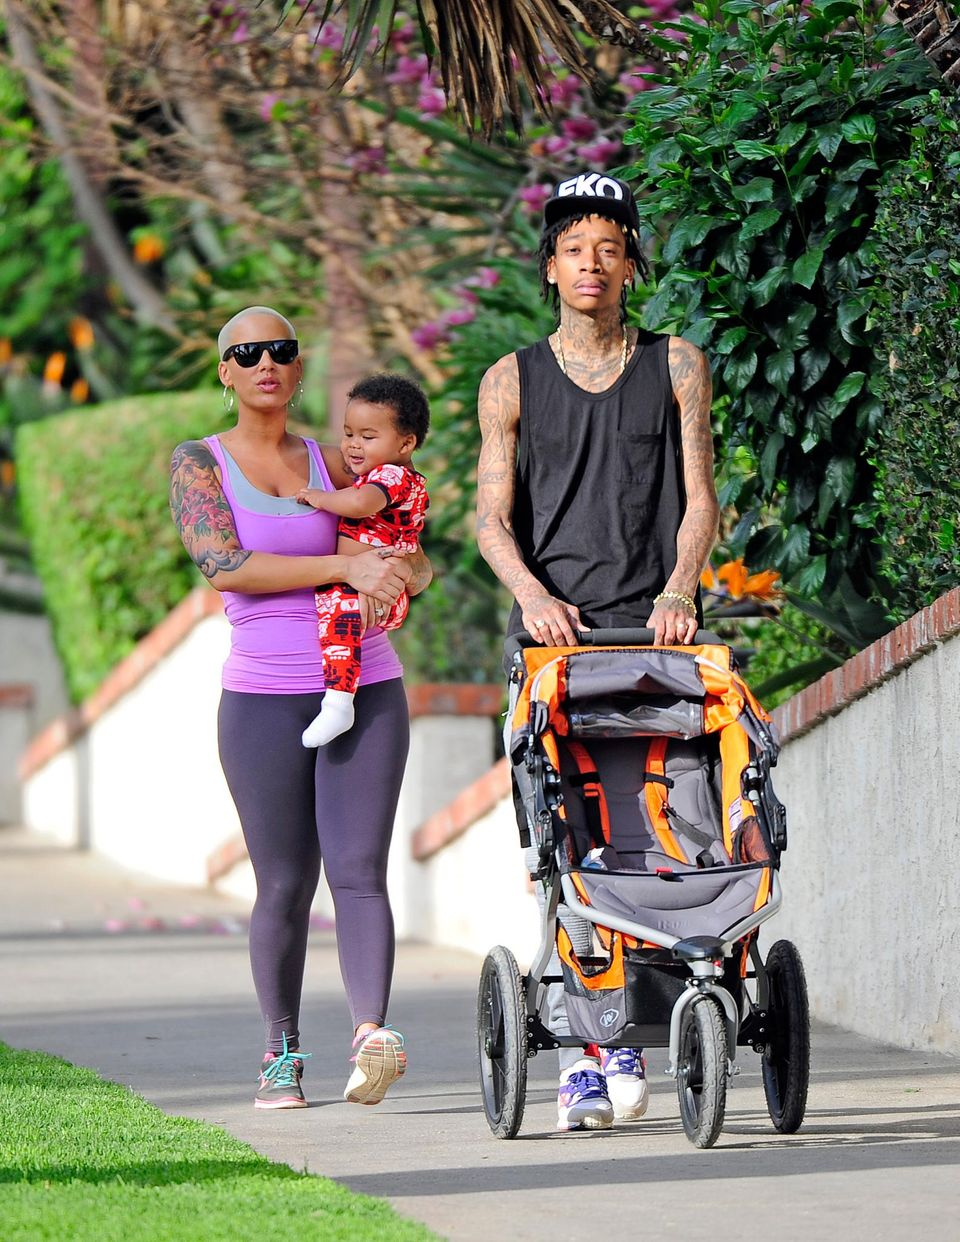 28. Januar 2014: Amber Rose und Wiz Khalifa gehen mit ihrem Sohn Sebastian Taylor in West Hollywood spazieren.